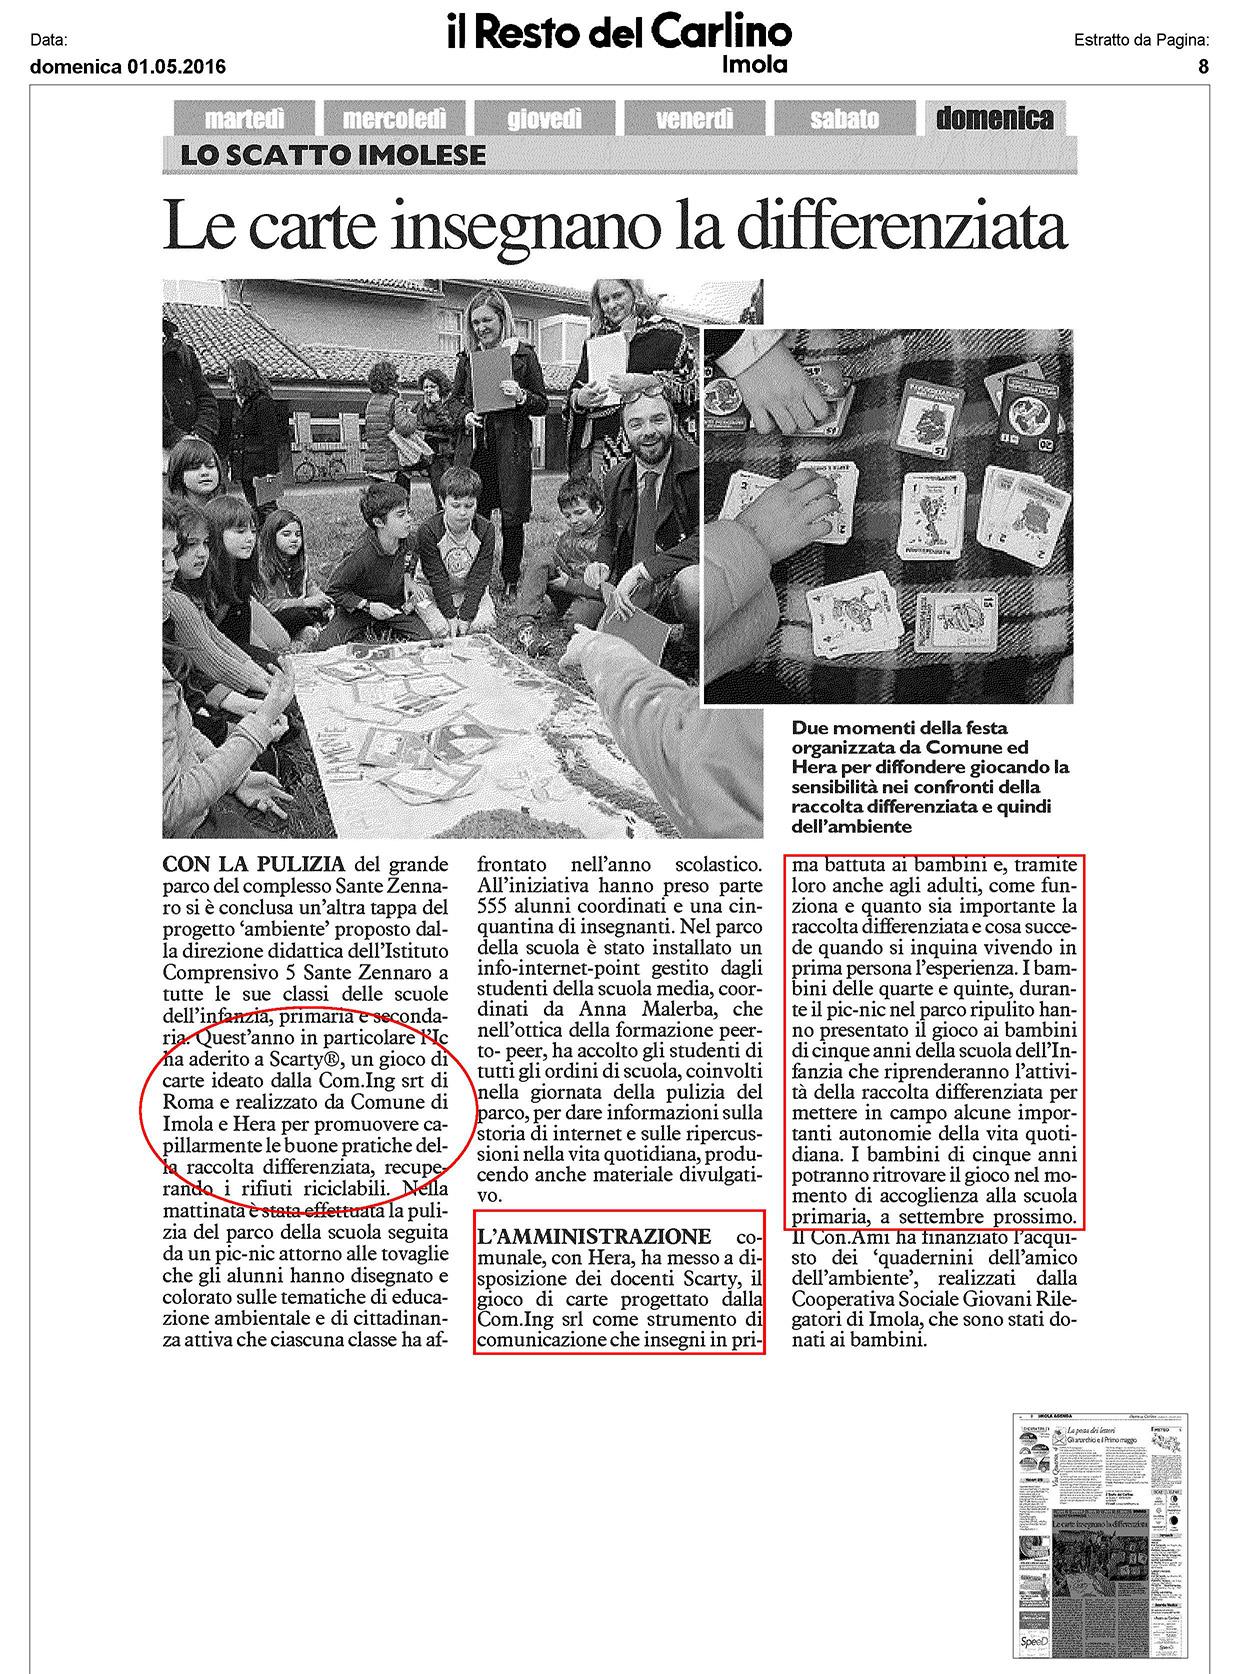 RestodelCarlino_1maggio2016